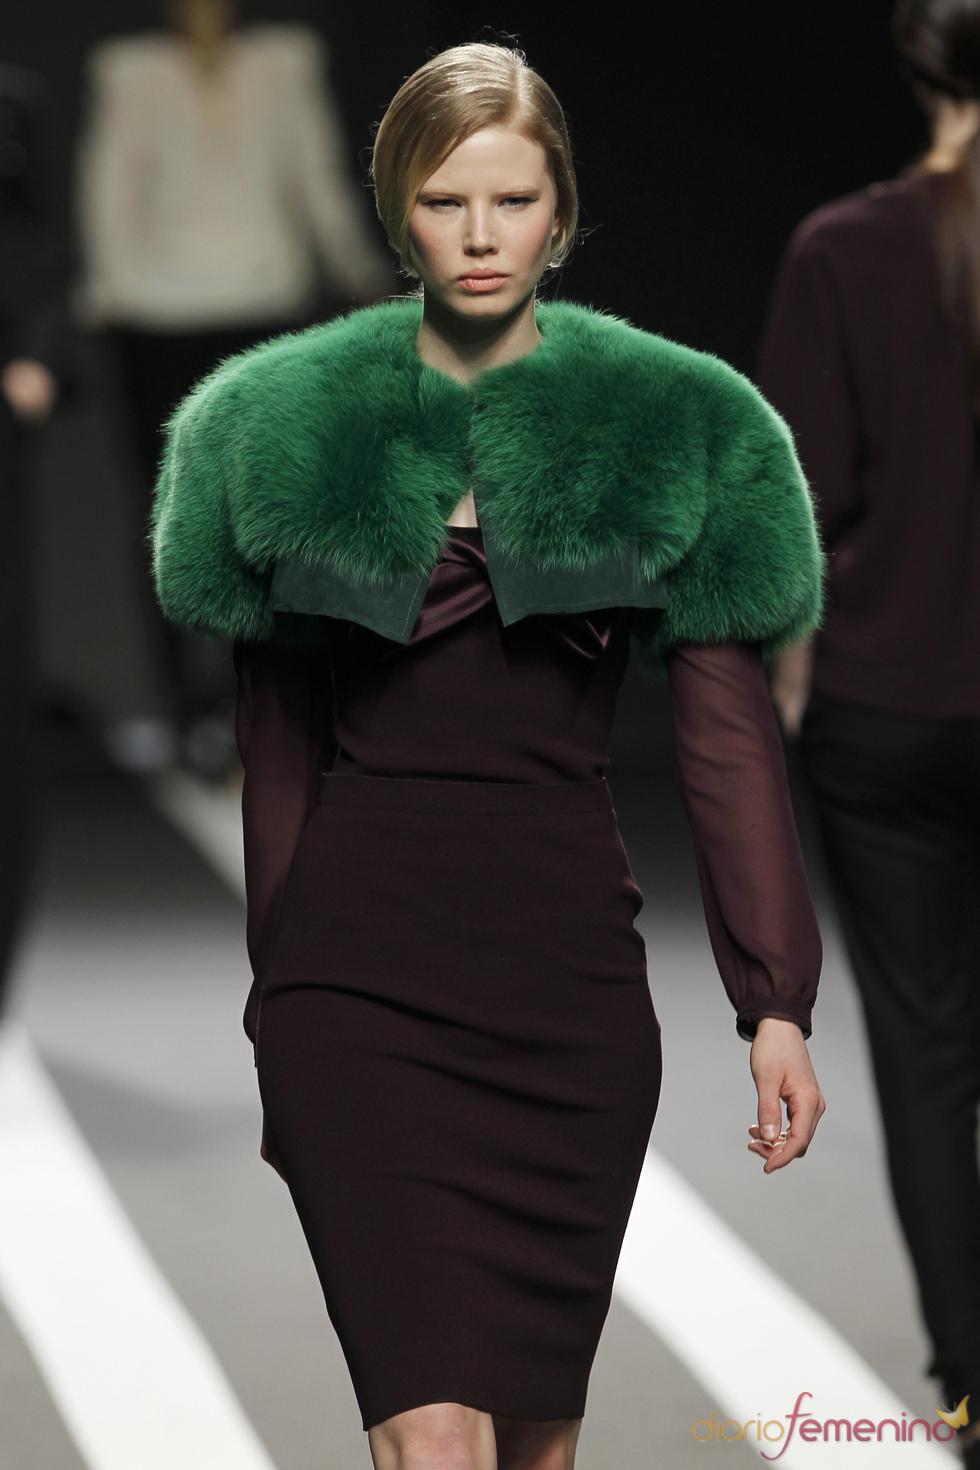 Vestido negro con estola verde. Miguel Palacio. Cibeles Madrid Fashion Week 2011